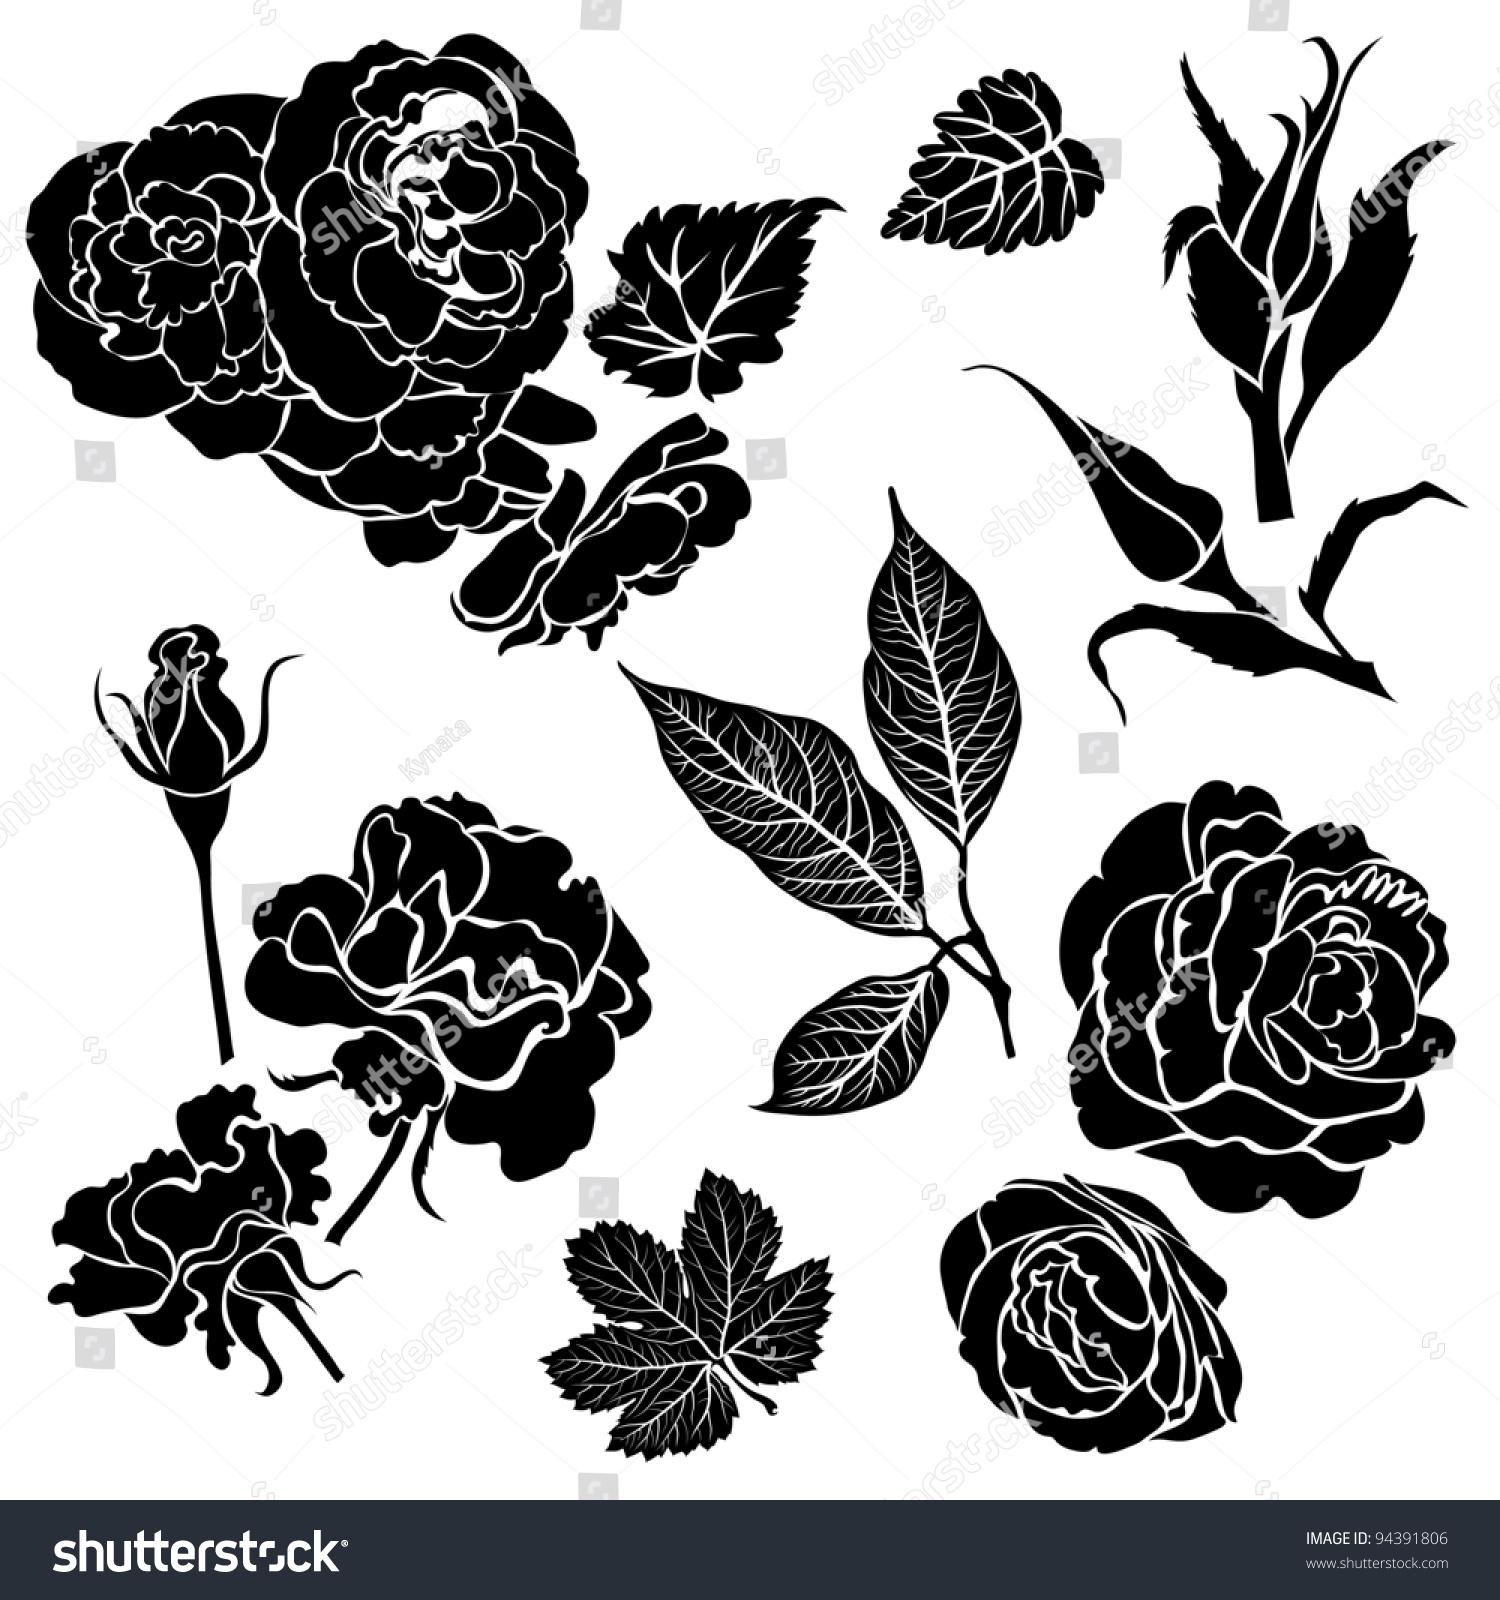 Set Of Black Flower Design Elements Vector Illustration: Set Of Black Floral Design Elements